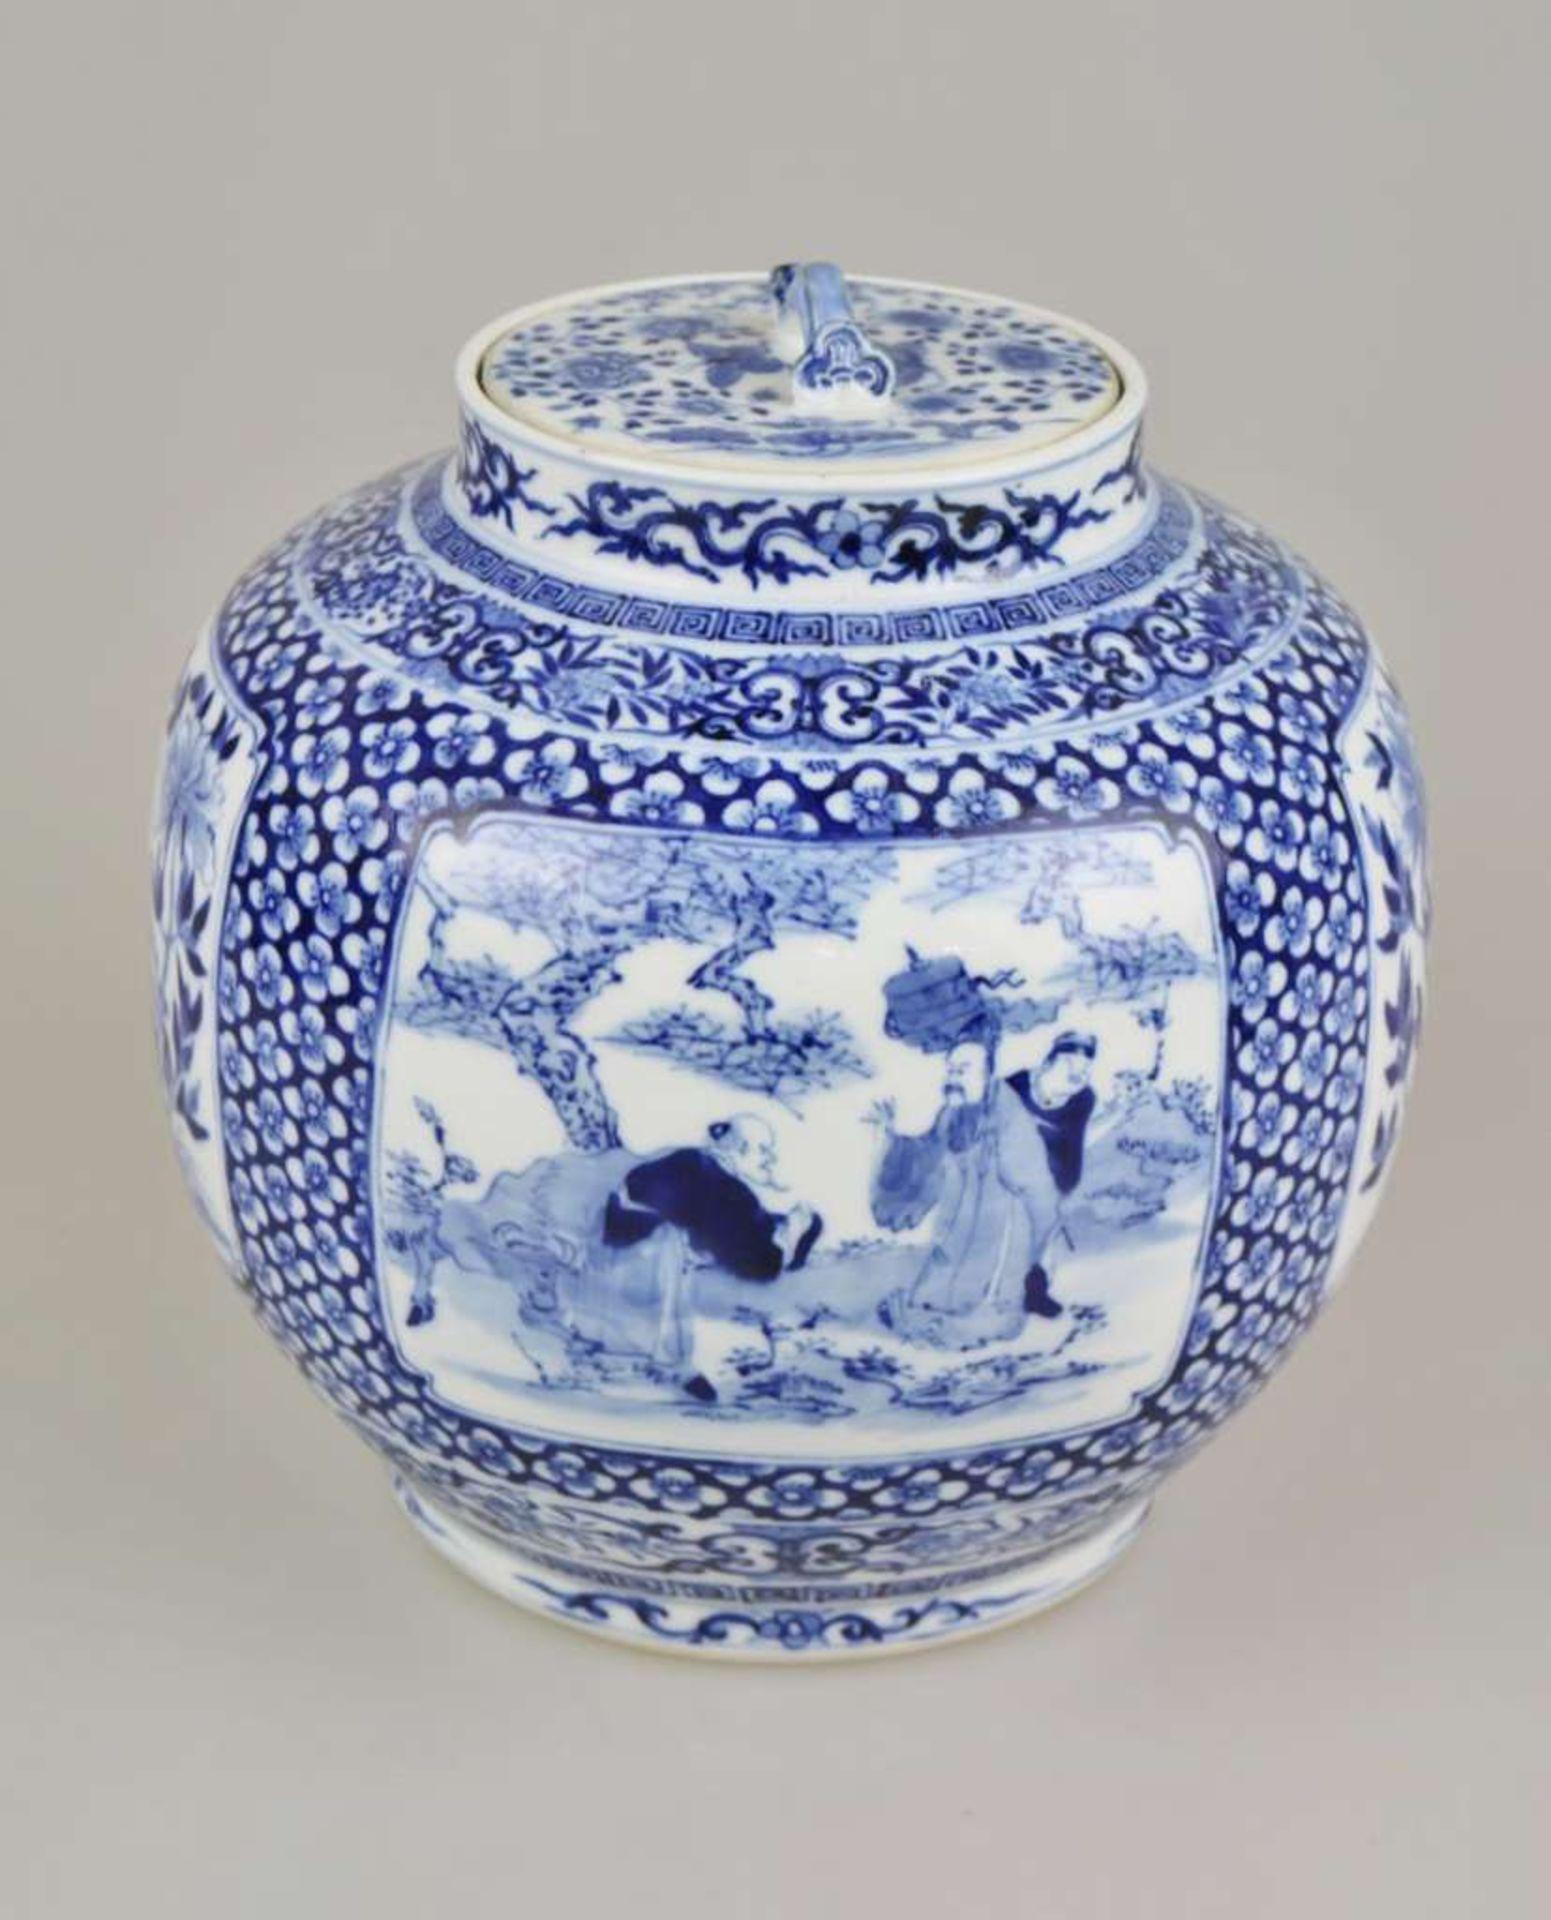 Großer Topf, China, Blau-Weiß mit Flachdeckel, Qing-Dynastie (1644-1911). Kugeliger, leicht g